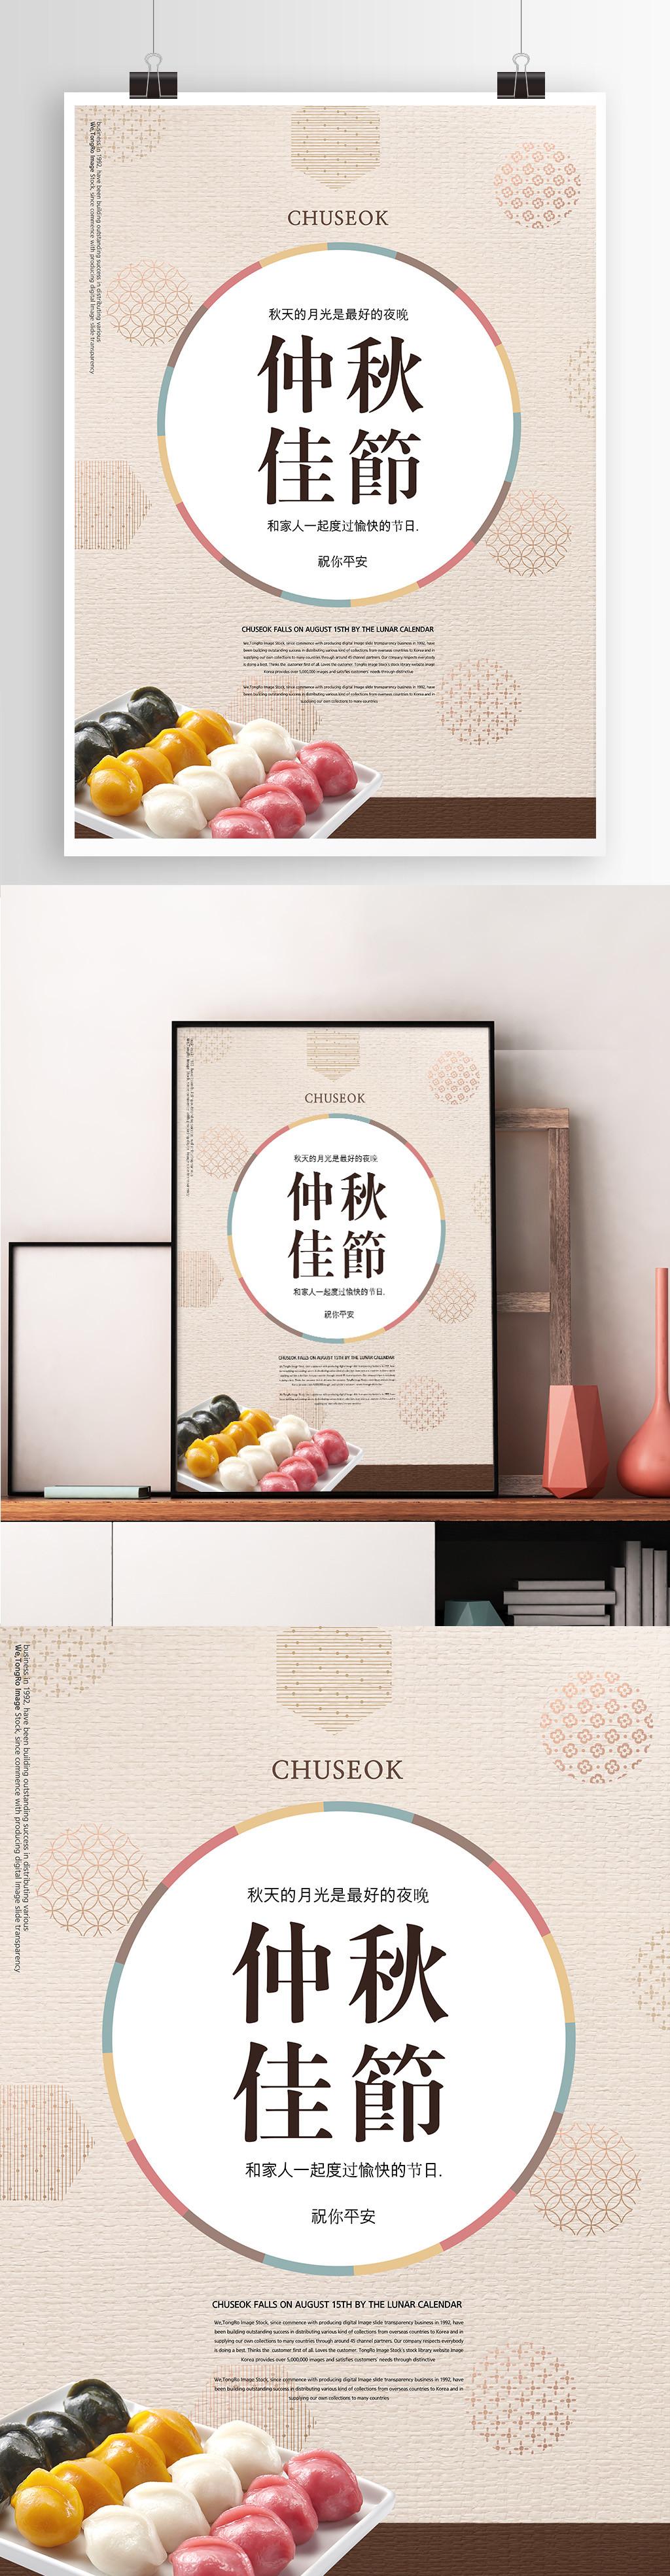 秋天的夜晚八月十五中秋节彩色饺子海报psd